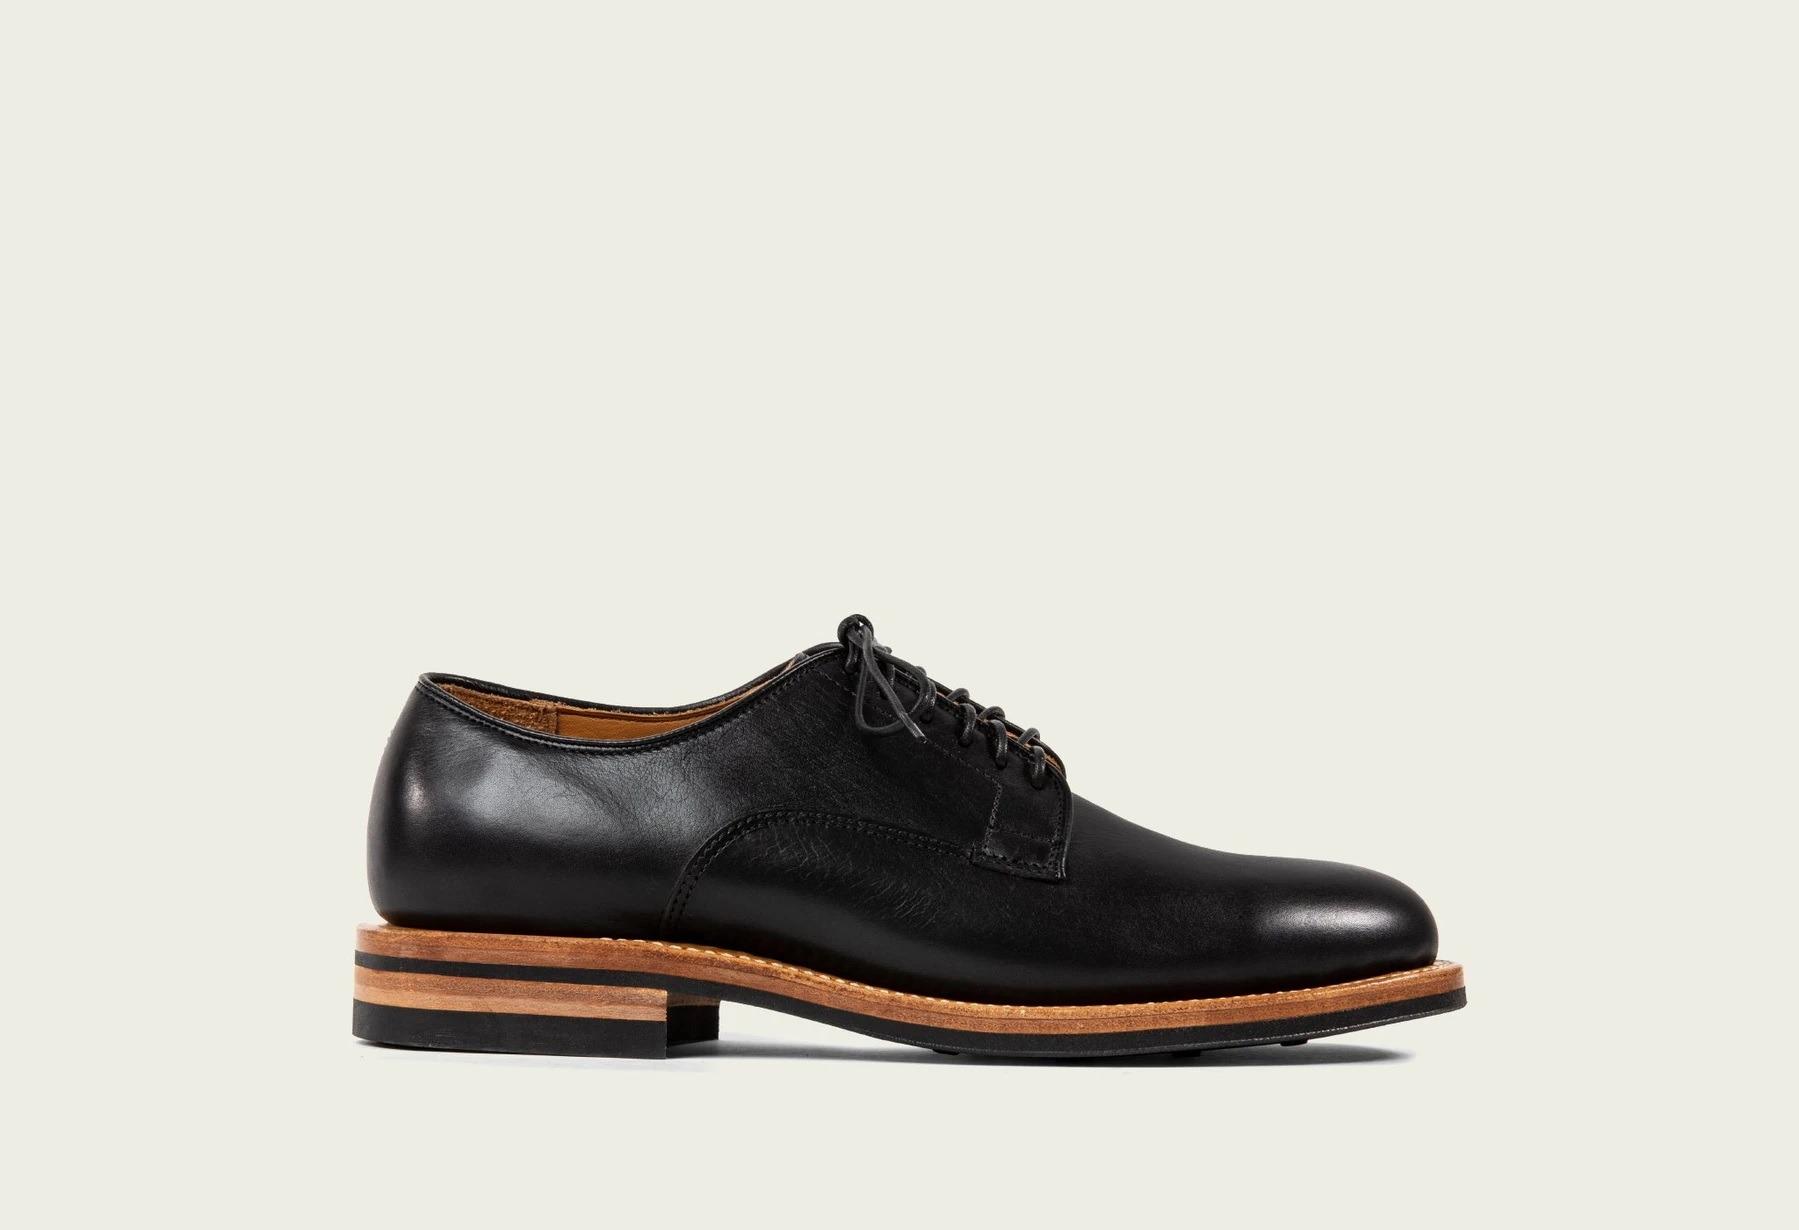 Viberg Derby Shoe in Classic Black Calf